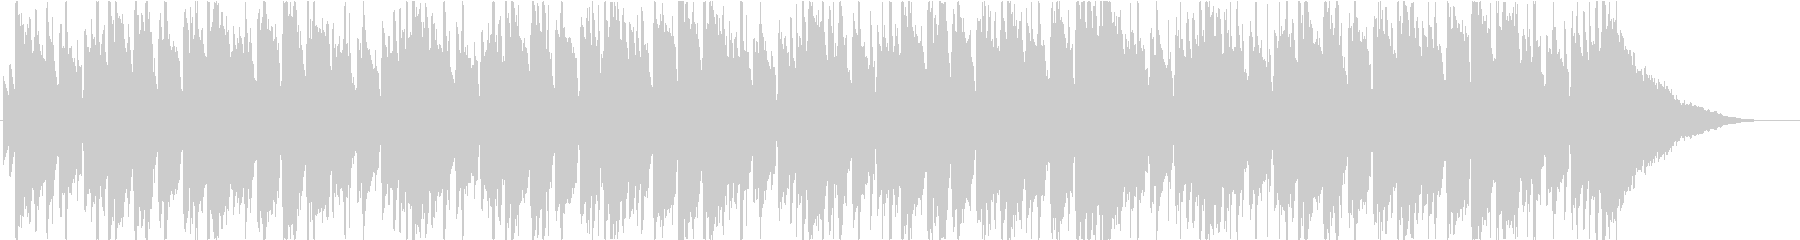 ジャズ、ボサノバ、ラウンジの未再生の波形